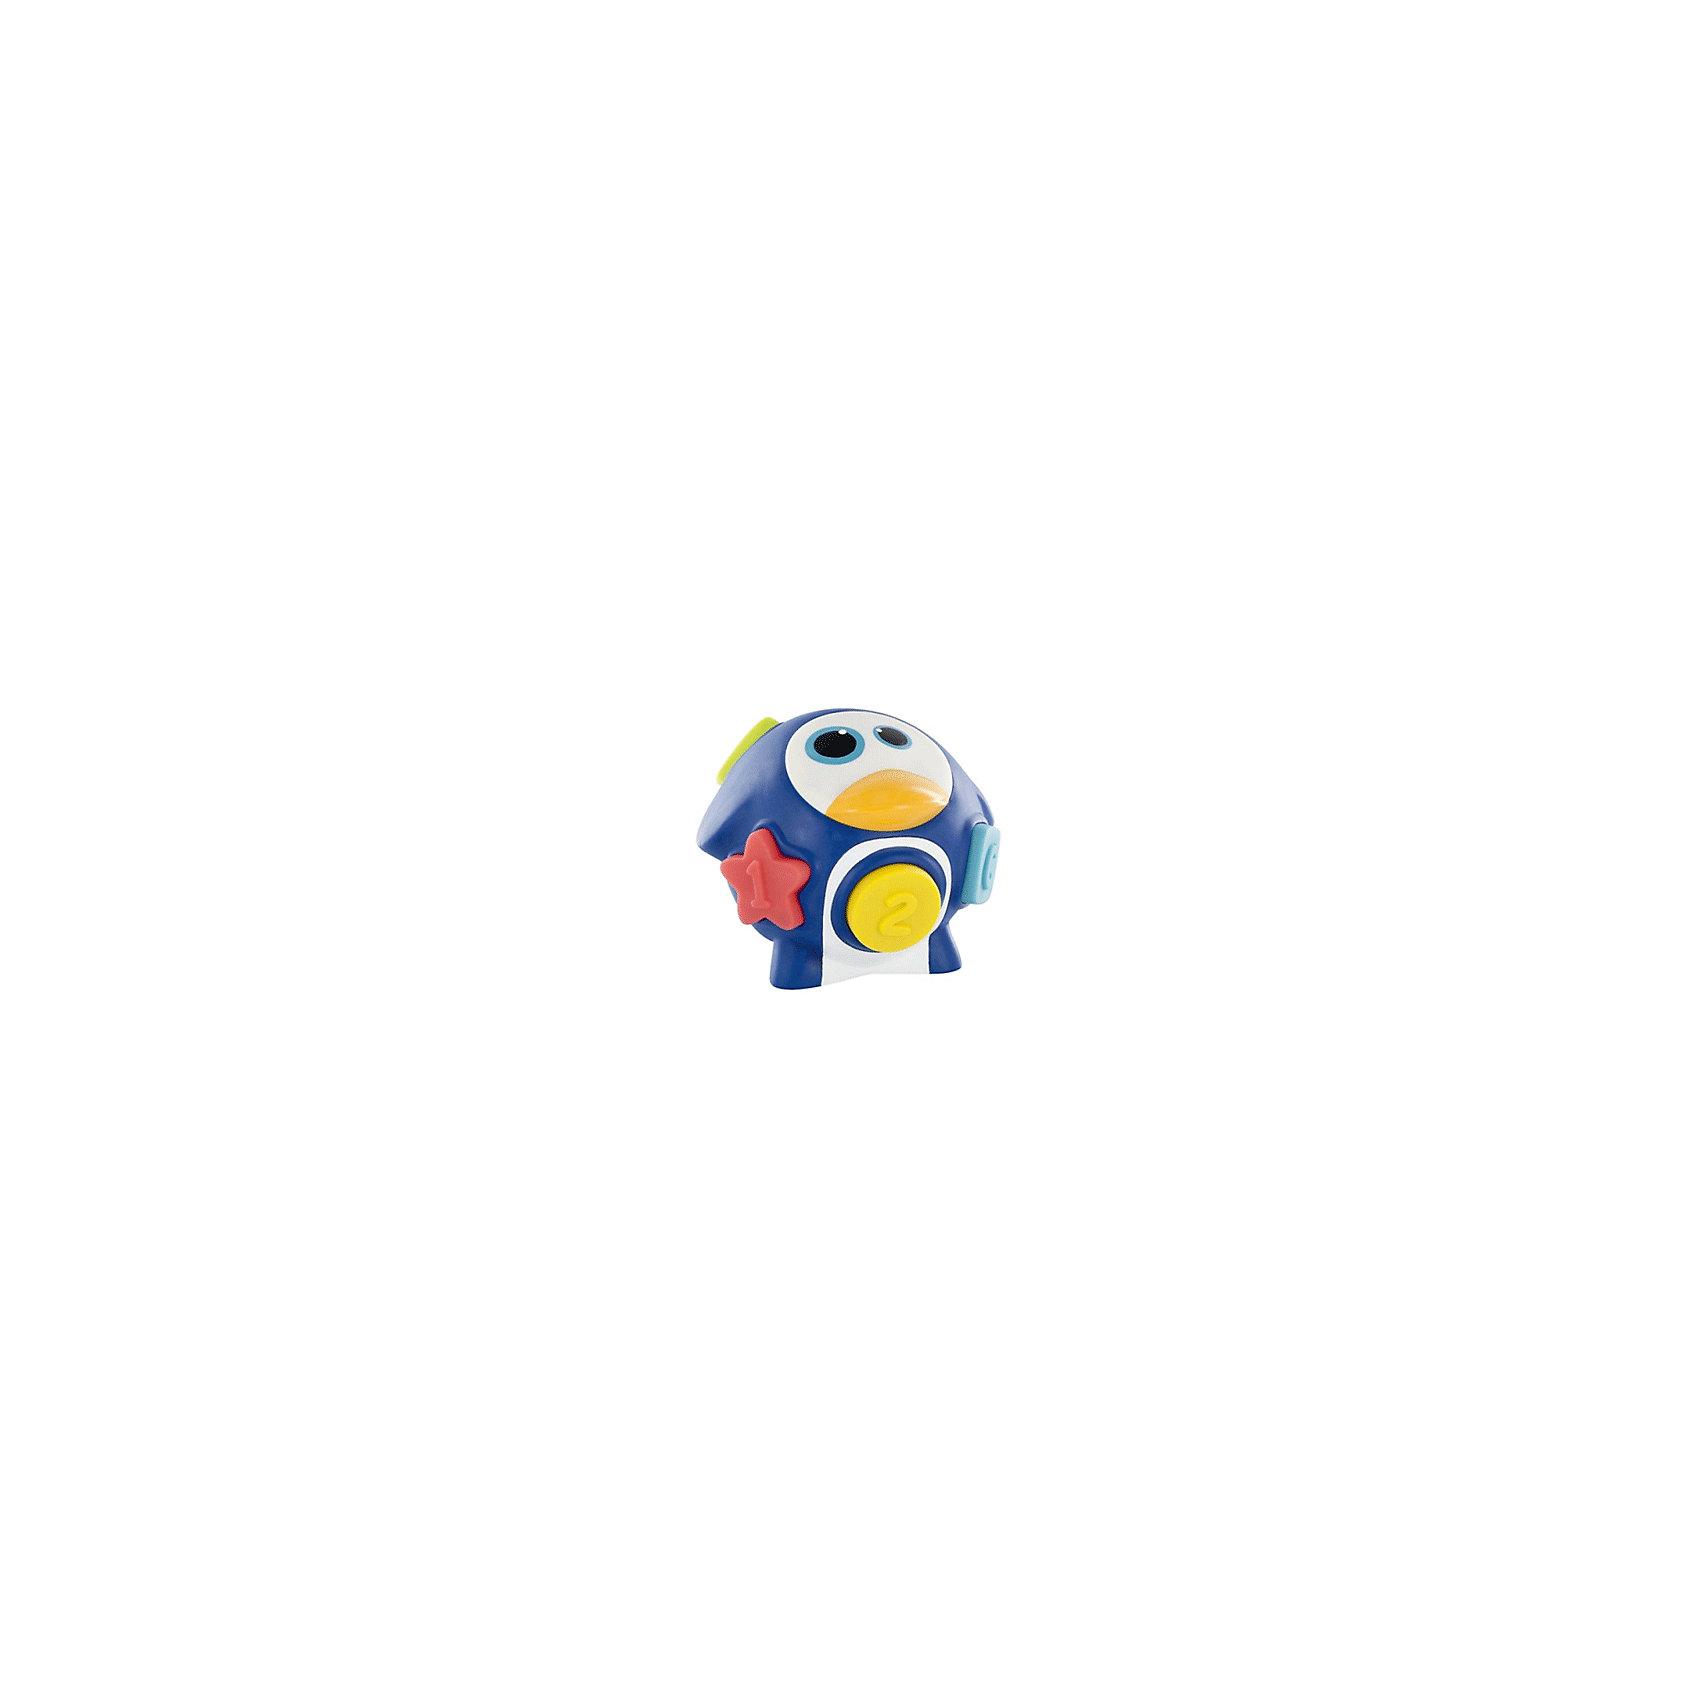 Развивающая игрушка-сортер «Пингвин»  А104912, BabymoovИгрушки для ванны<br>Красочная развивающая игрушка Пингвин, Babymoov (Бэбимув), непременно привлечет внимание Вашего малыша. С ней можно играть как в детской, так и во время купания в ванной. Игрушка выполнена в виде забавного пингвина с отверстиями различных геометрических форм. Ребенку предлагается поместить в них соответствующие яркие фигурки (входят в комплект), так, чтобы они совпали. Размер объемных фигурок удобен для детской ручки. Игрушка выполнена из качественного безопасного пластика. Развивает зрение, мелкую моторику и логическое мышление малыша, знакомит его с формами, цветами, цифрами и буквами. Комплект упакован в прозрачную сумку на молнии.<br><br>Дополнительная информация:<br><br>- Материал: пластик.<br>- Размер упаковки: 18 х 18 х 15 см.<br>- Вес: 0,3 кг.<br><br>Развивающую игрушку-сортер Пингвин, Babymoov (Бэбимув), можно купить в нашем интернет-магазине.<br><br>Ширина мм: 11<br>Глубина мм: 139<br>Высота мм: 2<br>Вес г: 406<br>Цвет: mehrfarbig<br>Возраст от месяцев: 6<br>Возраст до месяцев: 18<br>Пол: Унисекс<br>Возраст: Детский<br>SKU: 2351951